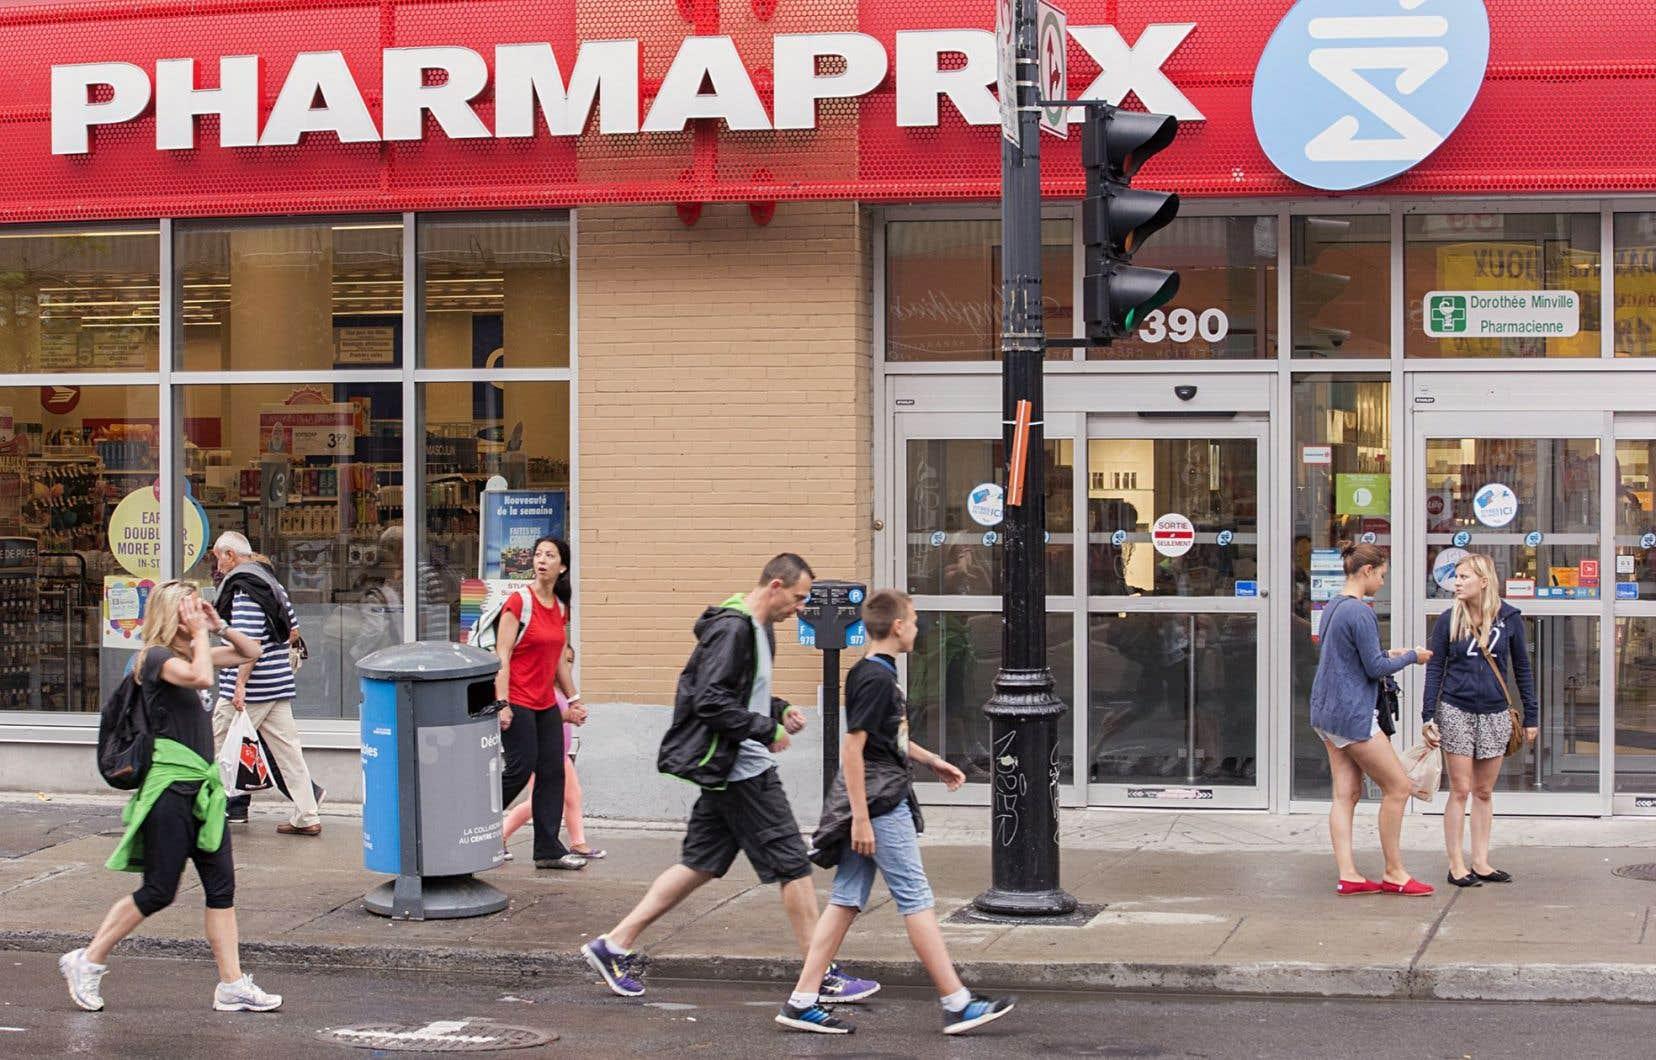 Option consommateurs a souligné que Pharmaprix avait accepté de verser l'équivalent d'environ 4,35millions en points Optimum.